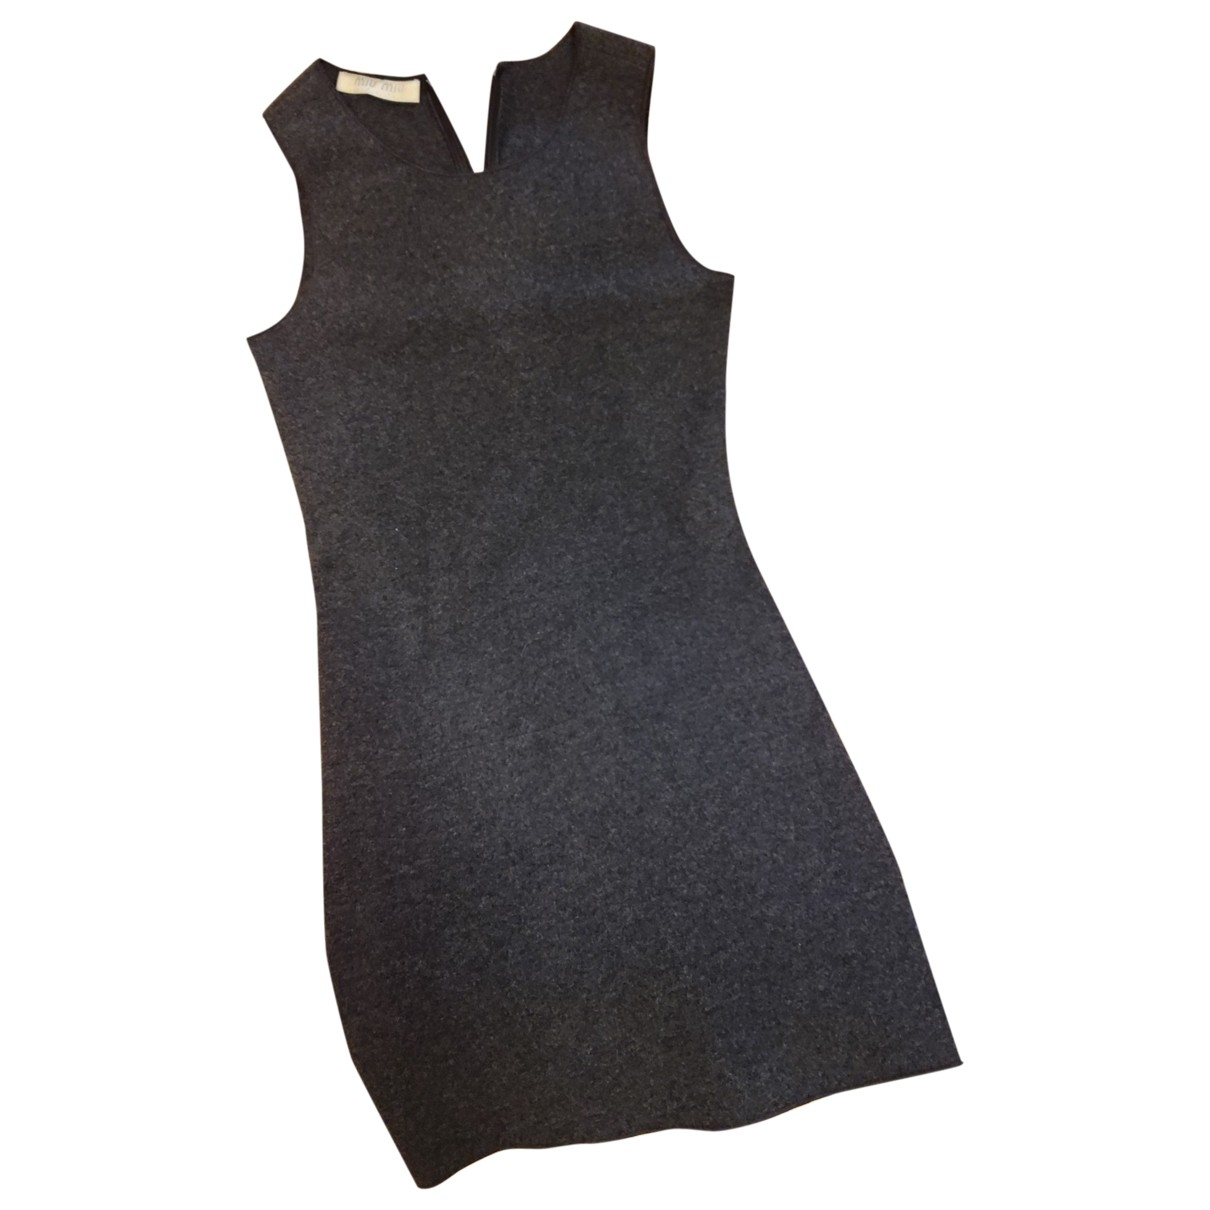 Miu Miu \N Kleid in  Grau Wolle